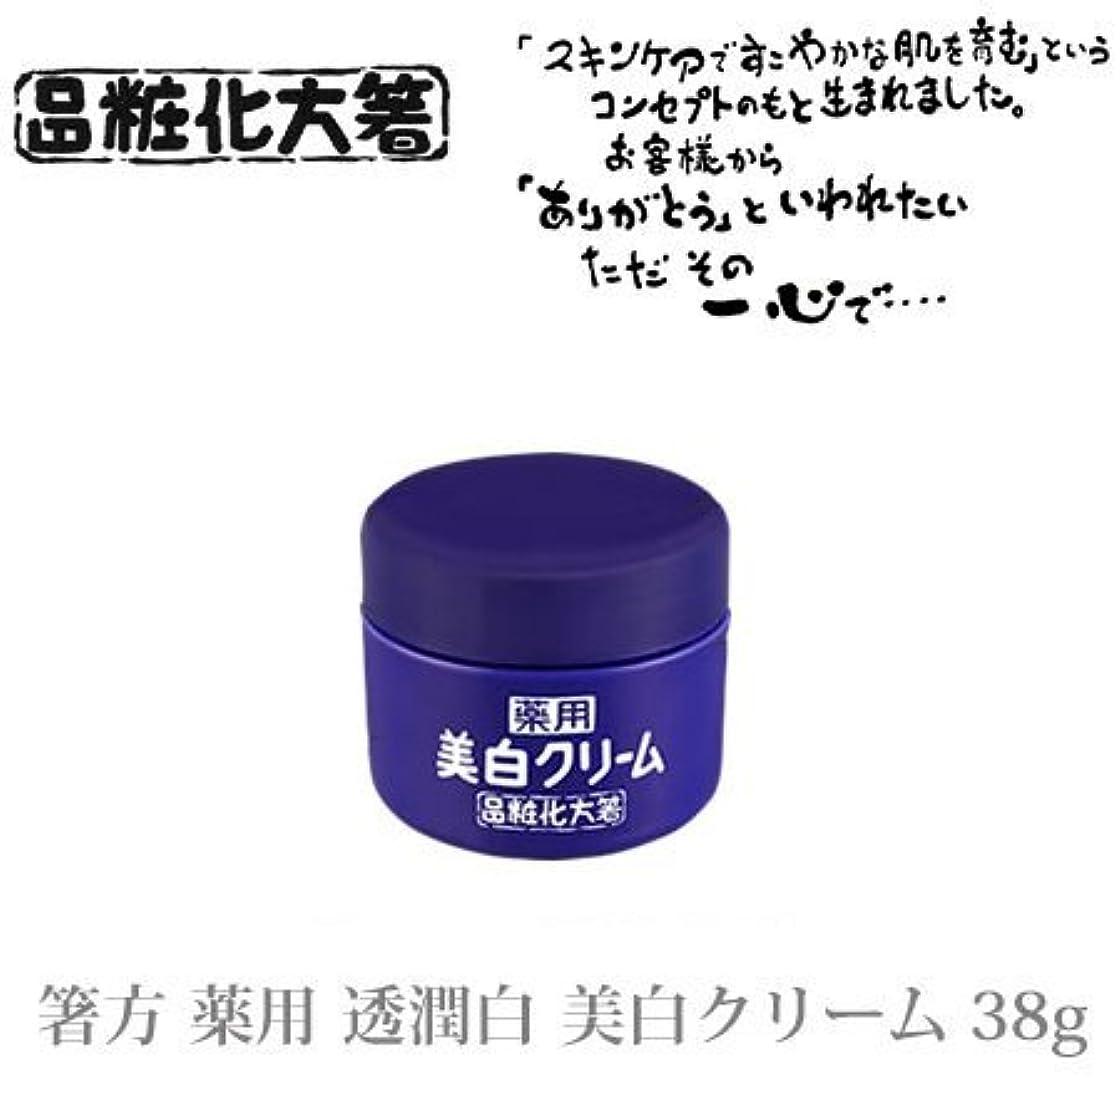 値ひいきにするの面では箸方化粧品 薬用 透潤白 美白クリーム 38g はしかた化粧品